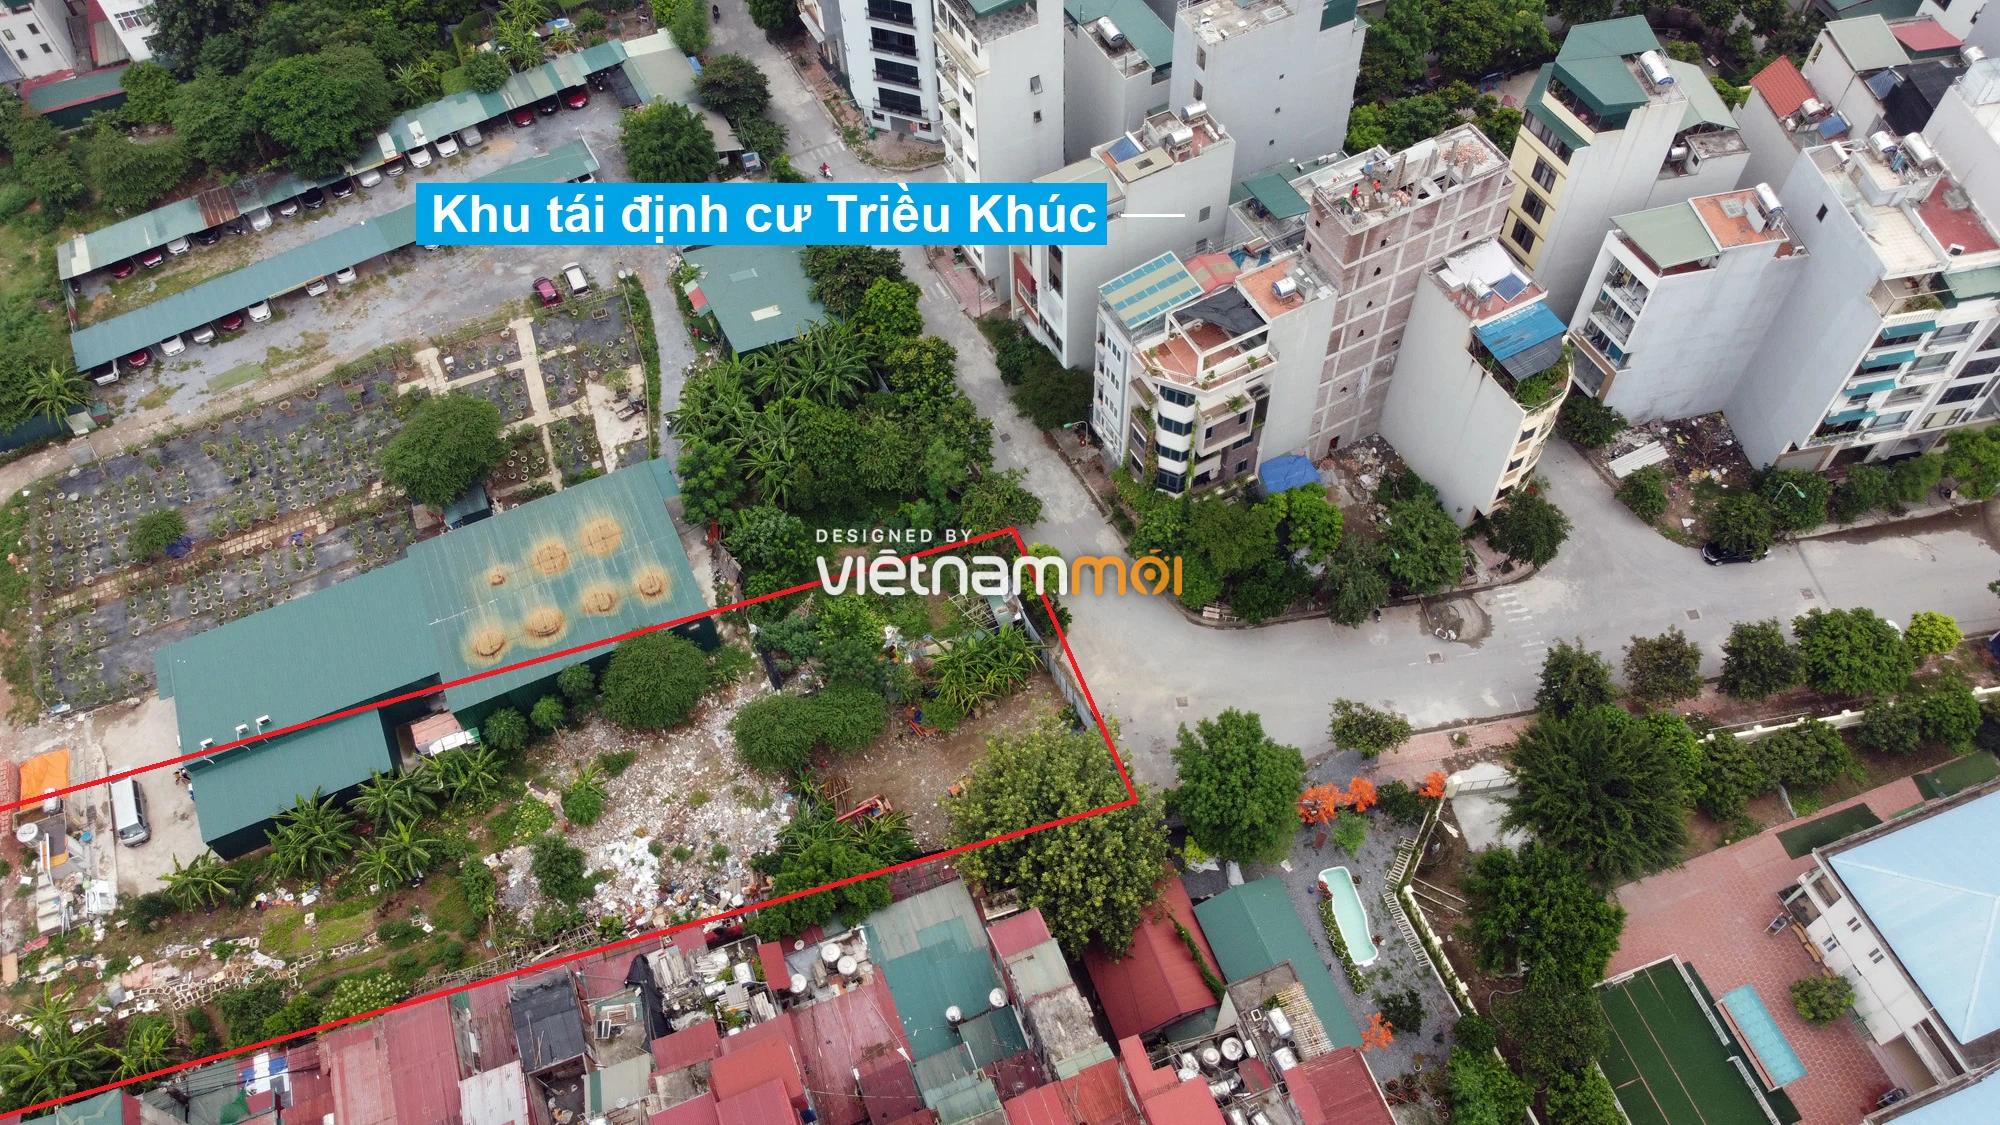 Những khu đất sắp thu hồi để mở đường ở xã Tân Triều, Thanh Trì, Hà Nội (phần 3) - Ảnh 11.